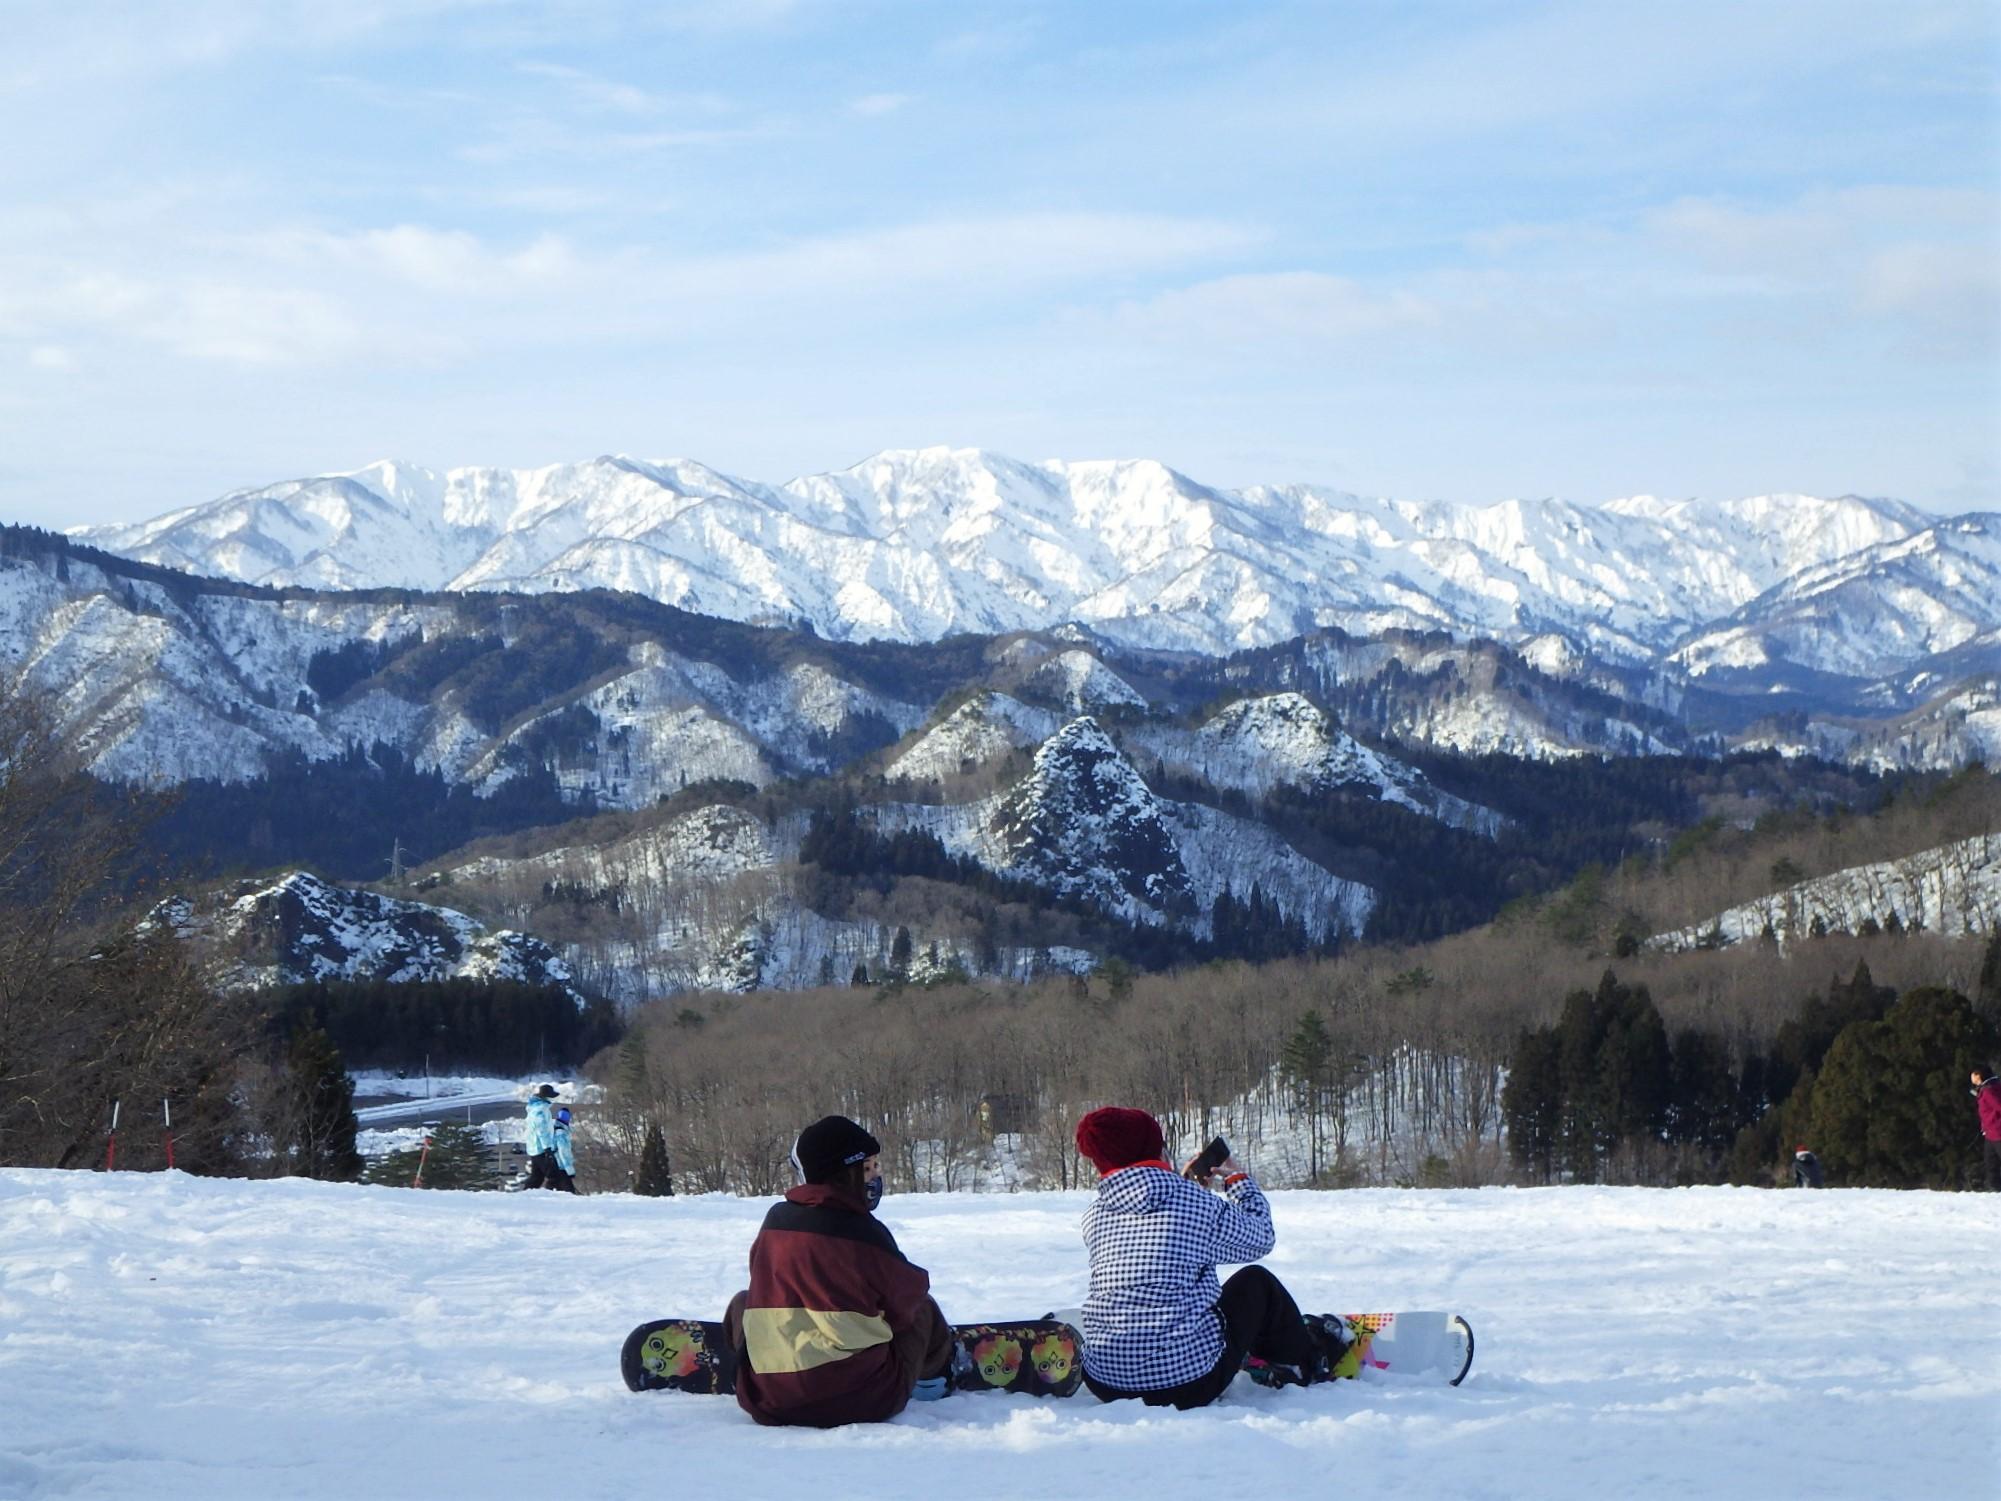 温泉 スキー 場 三川